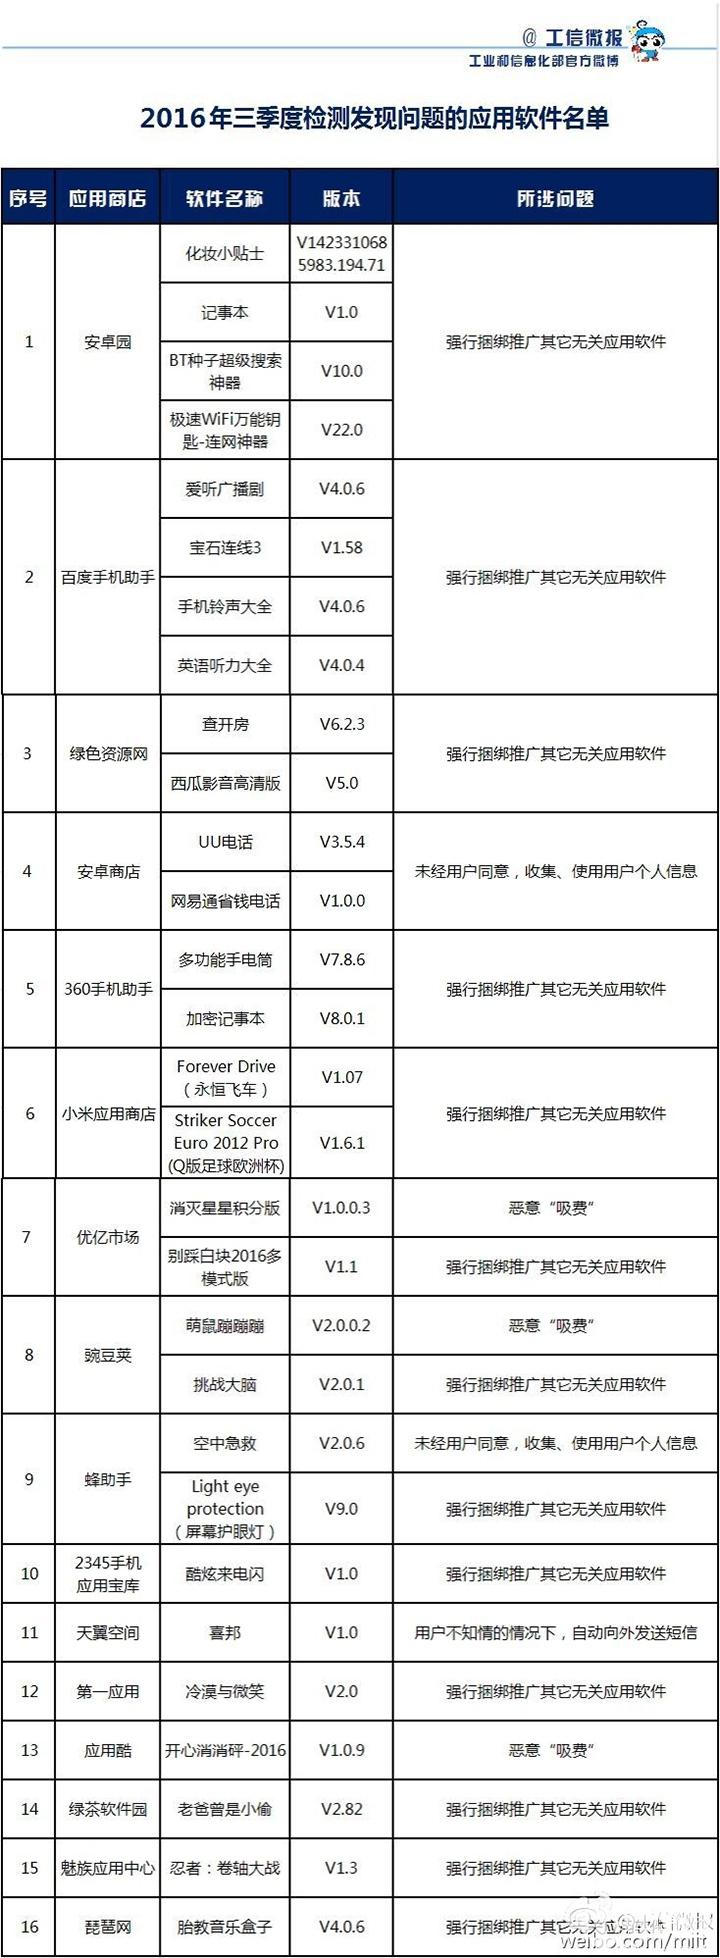 工信部发布违规APP名单 隐私泄露严重